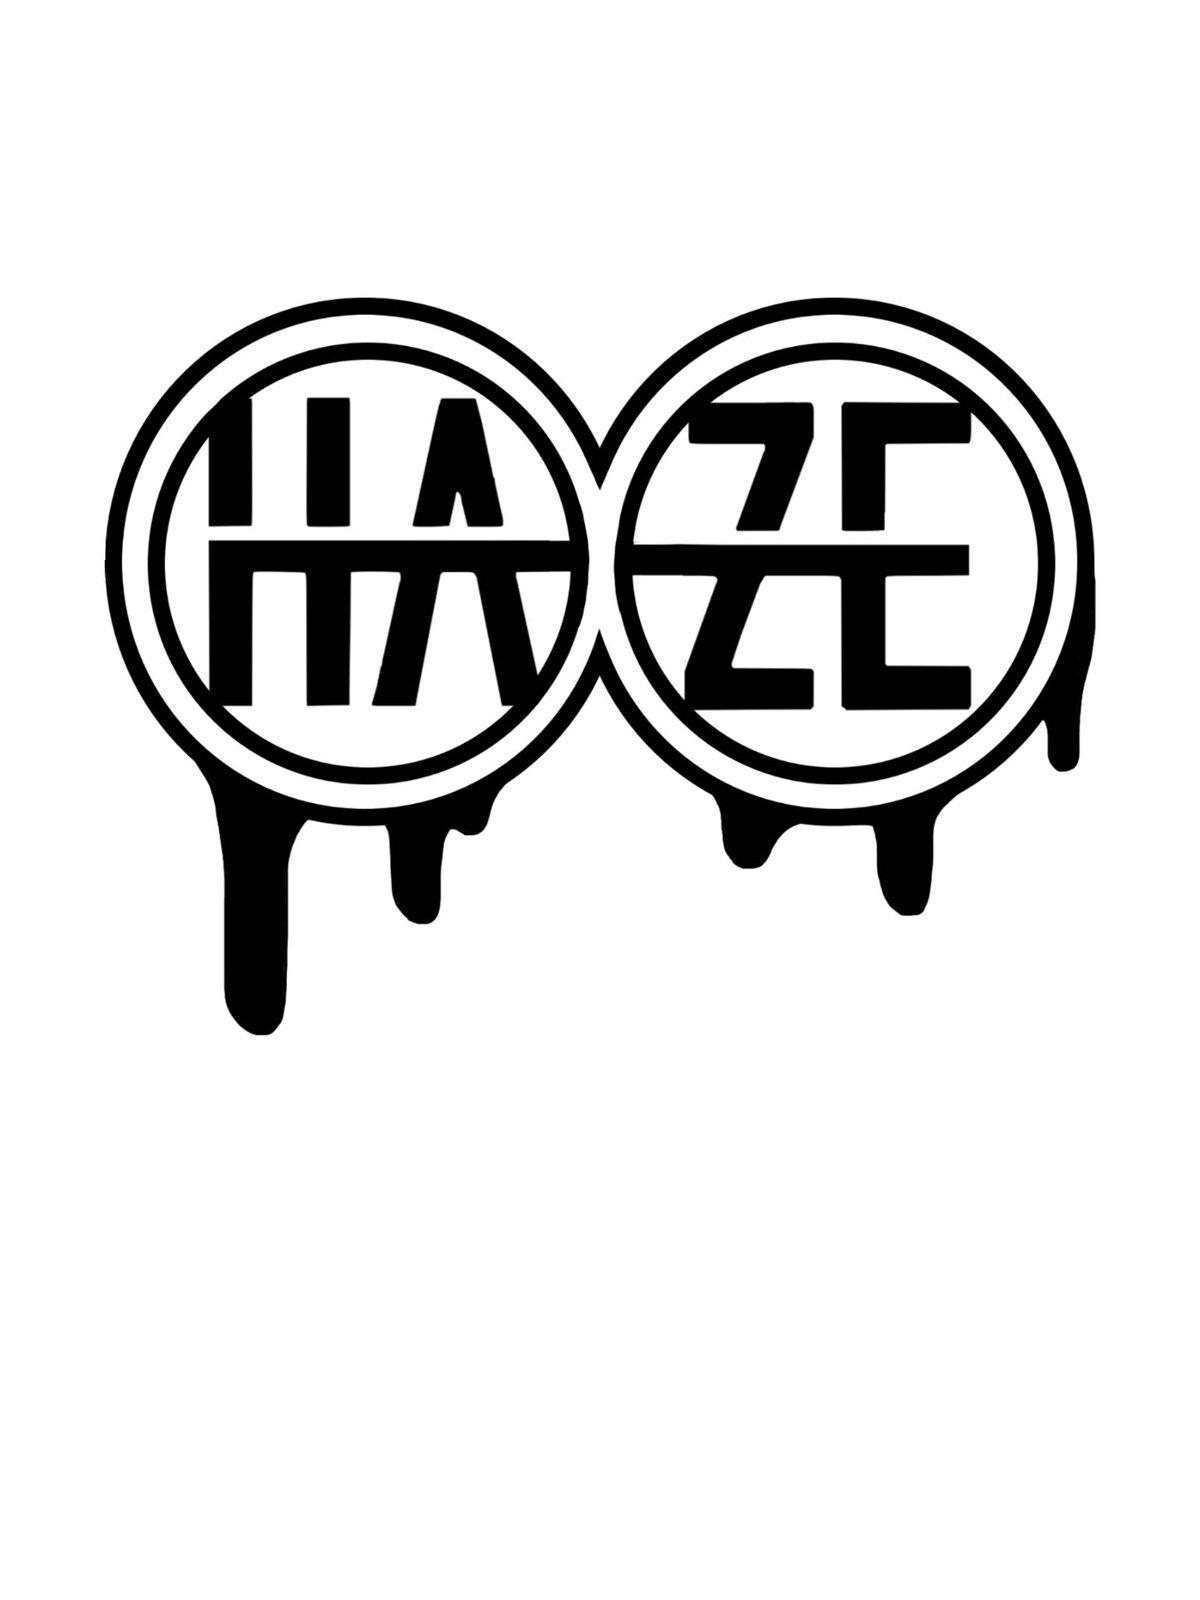 Haze-Inc